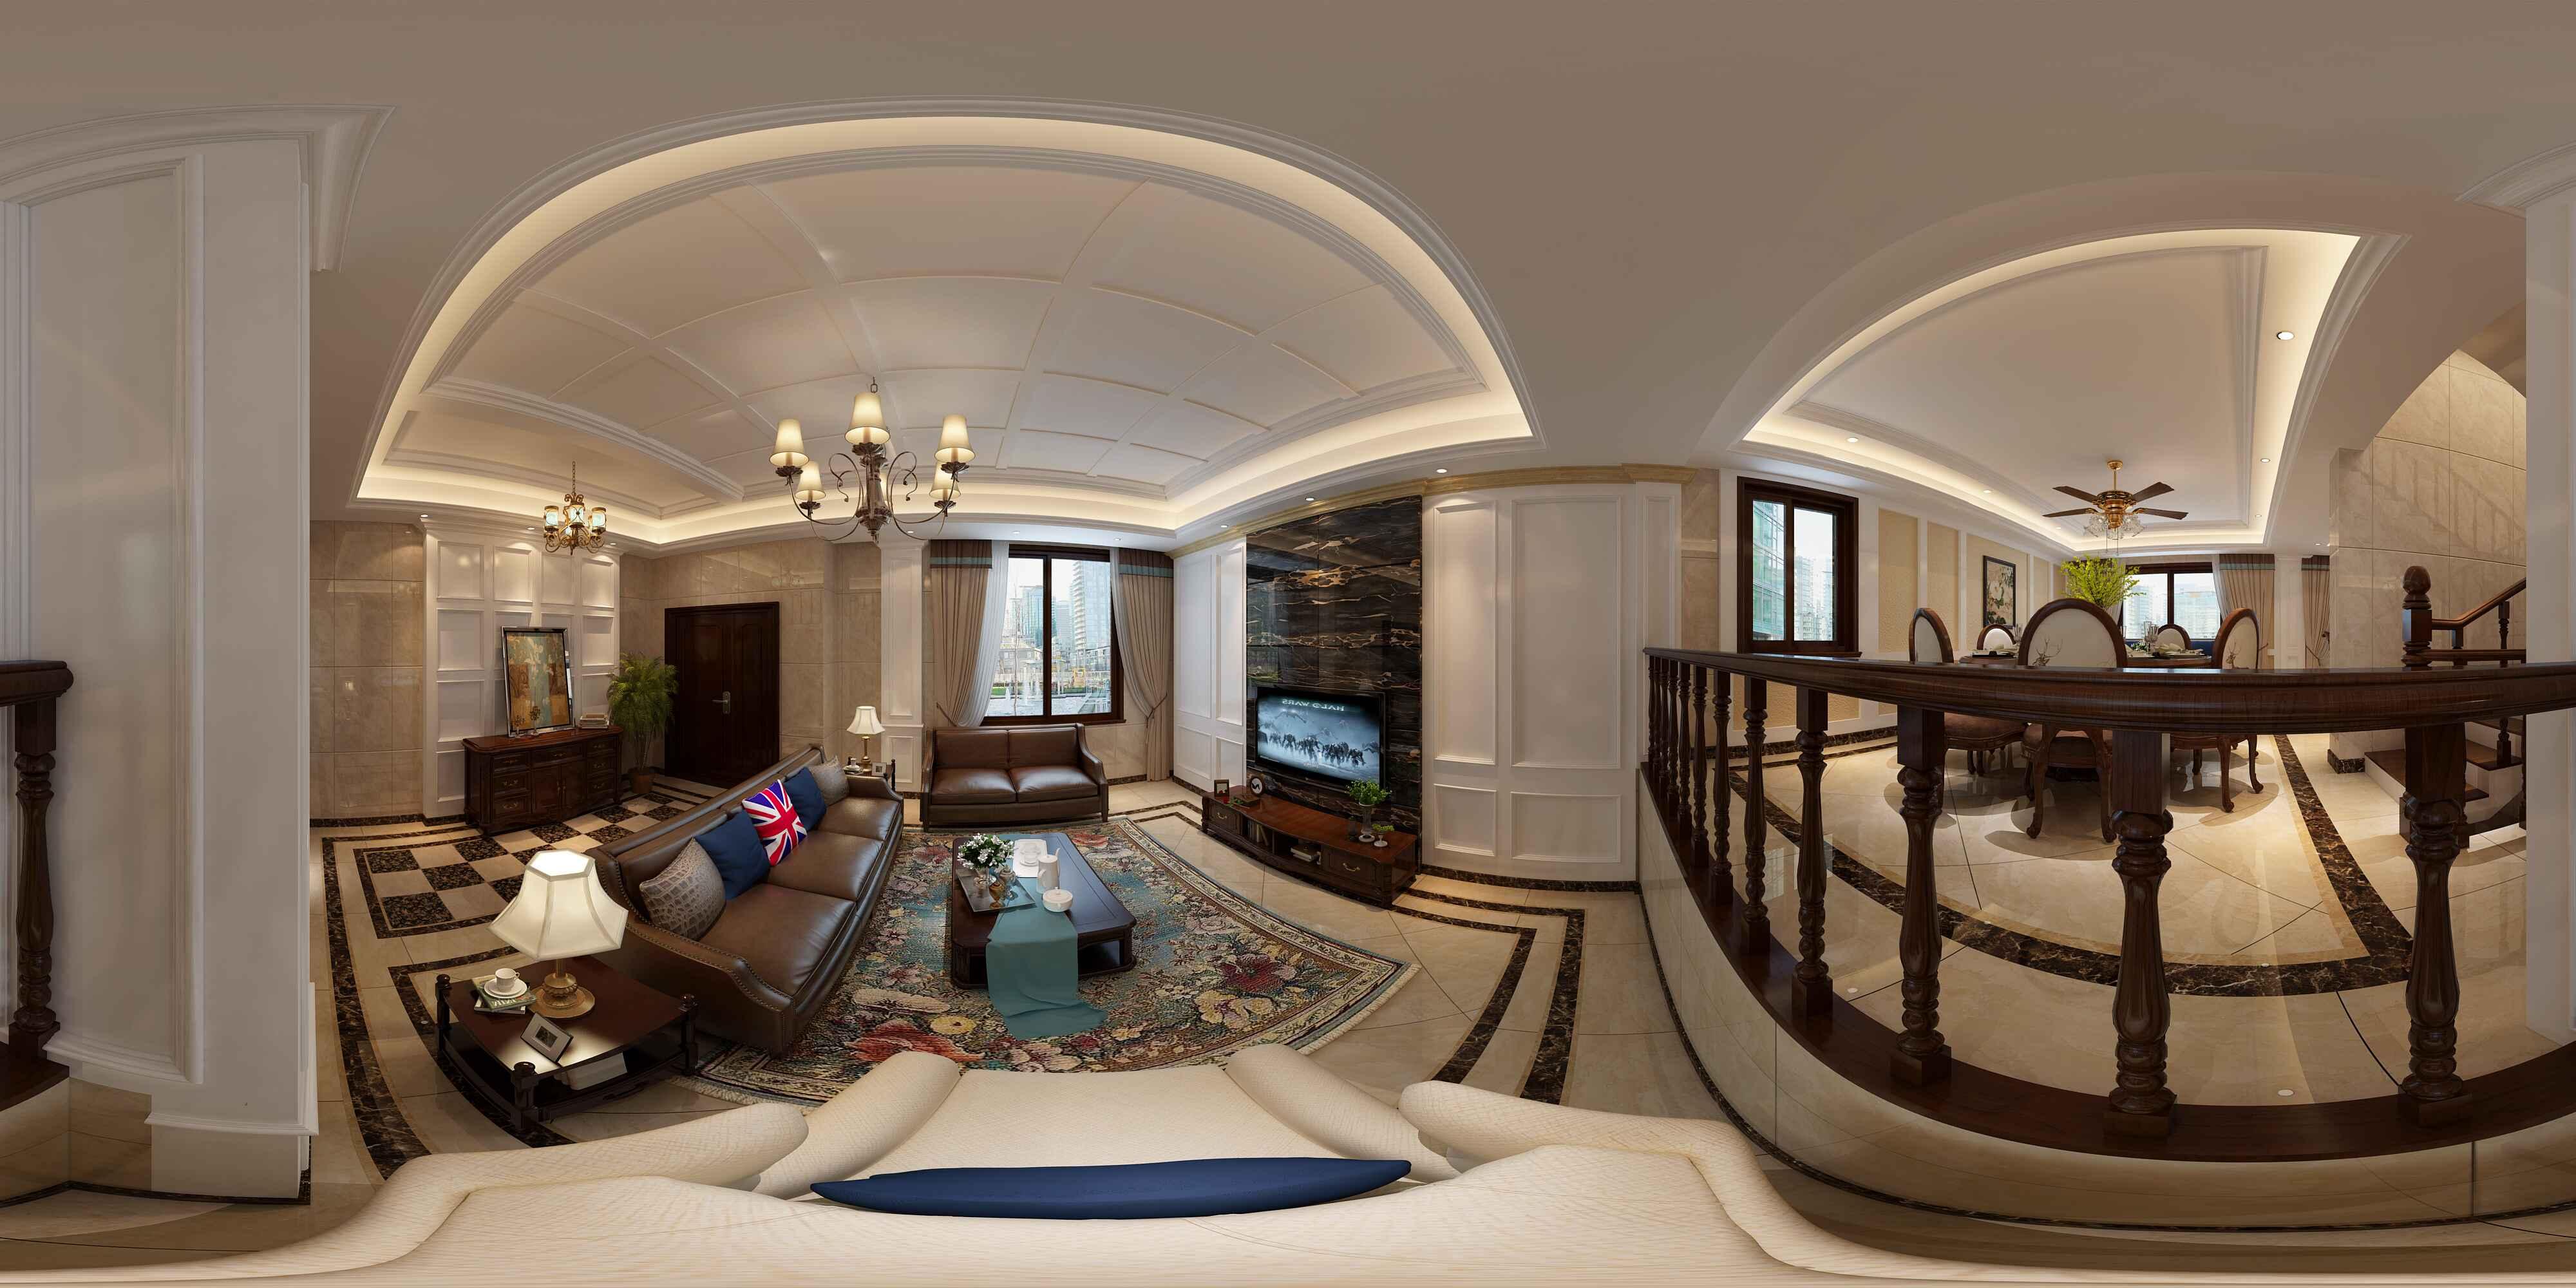 室内设计/装修设计/室内效果图制作/展台设计/展厅设计